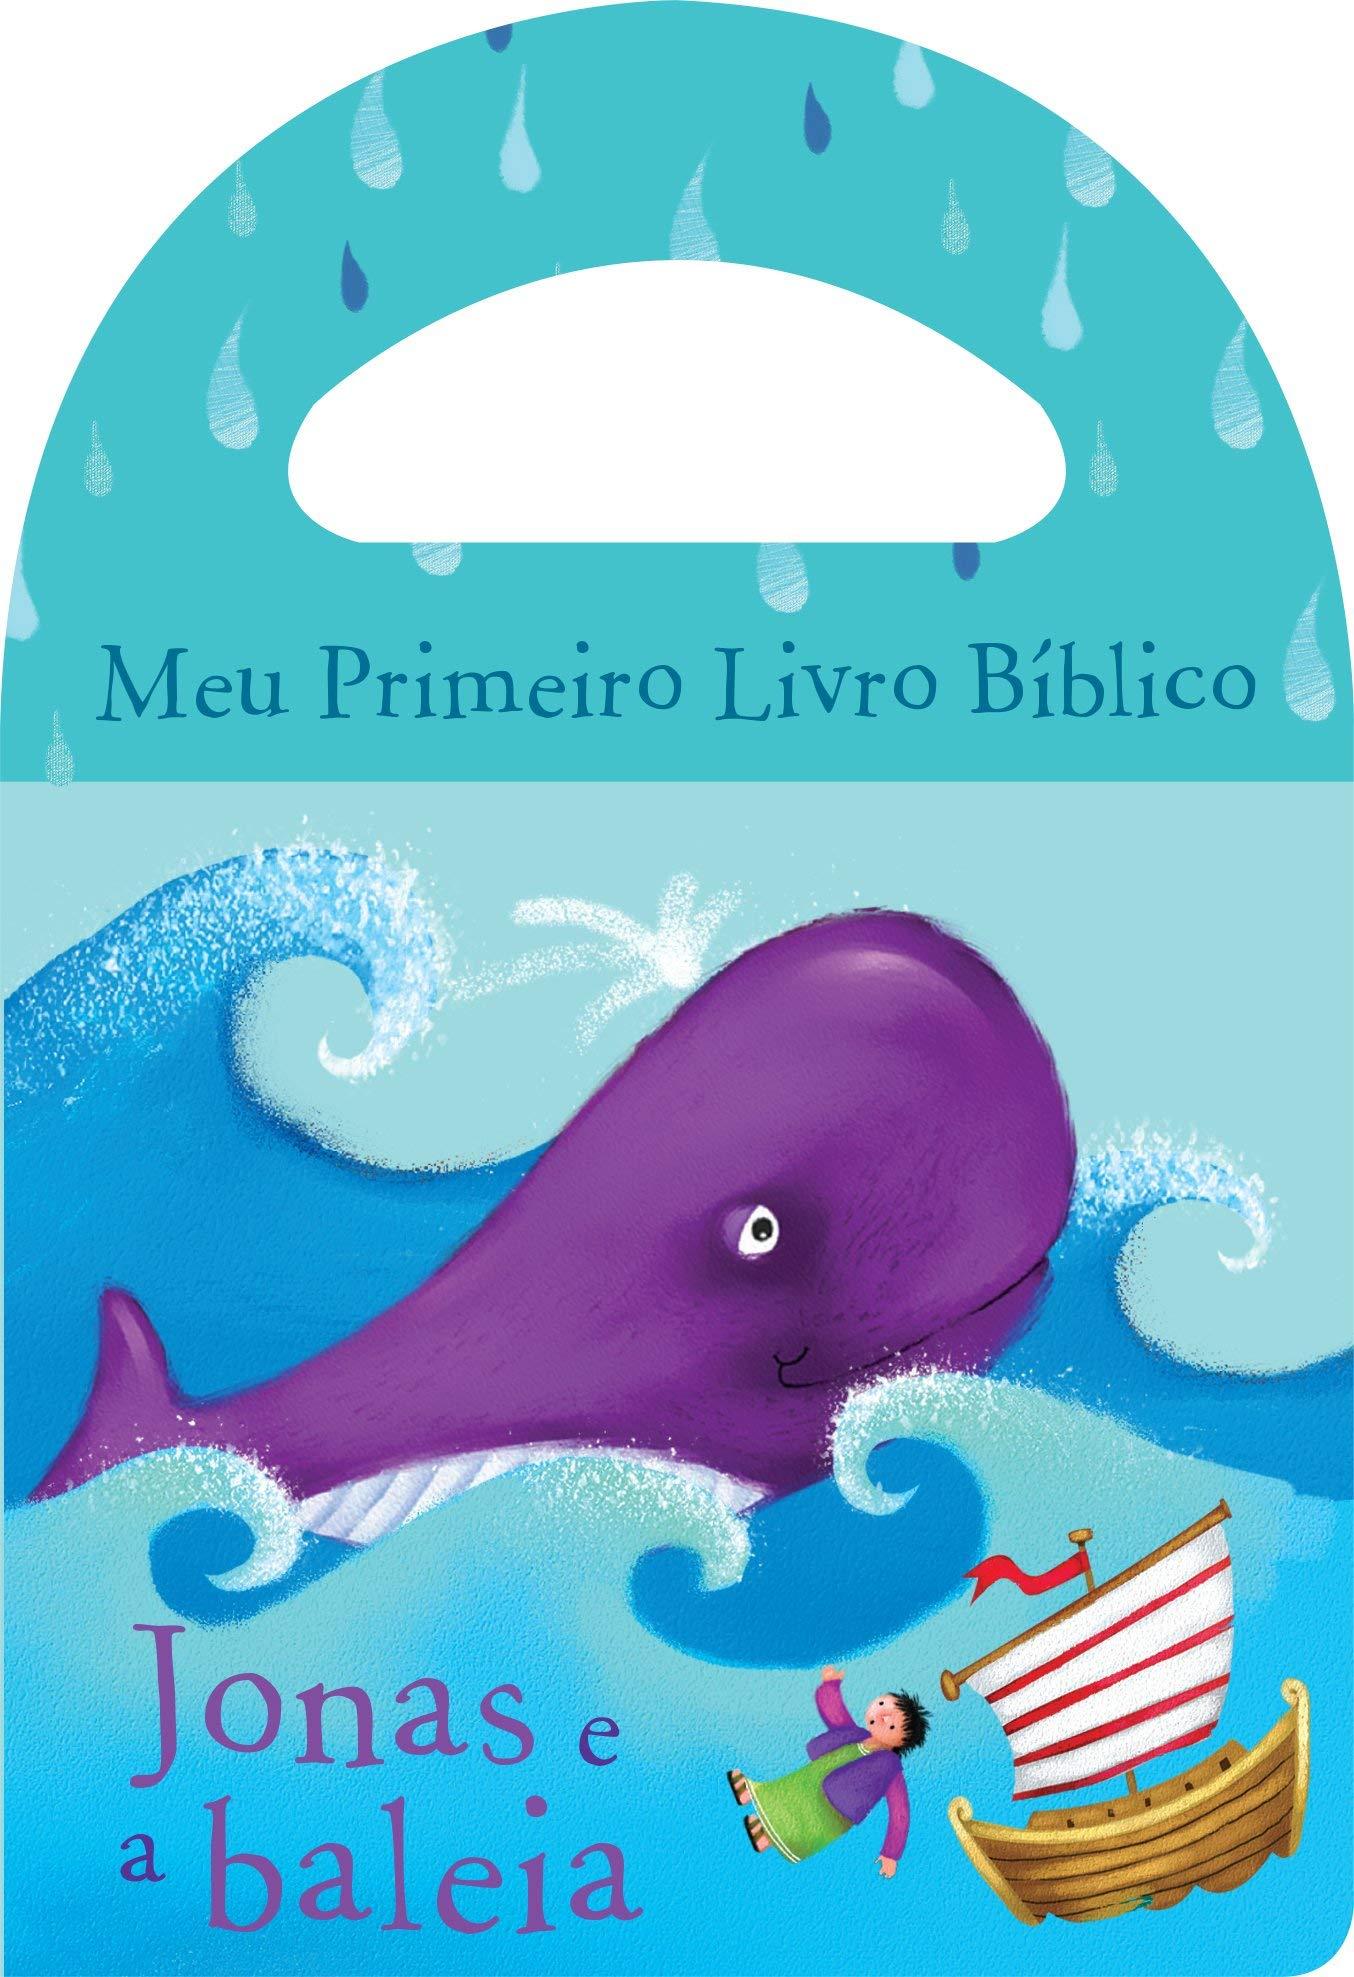 BANHO/MEU PRIM. LIVRO BIBLICO - JONAS E A BALEIA